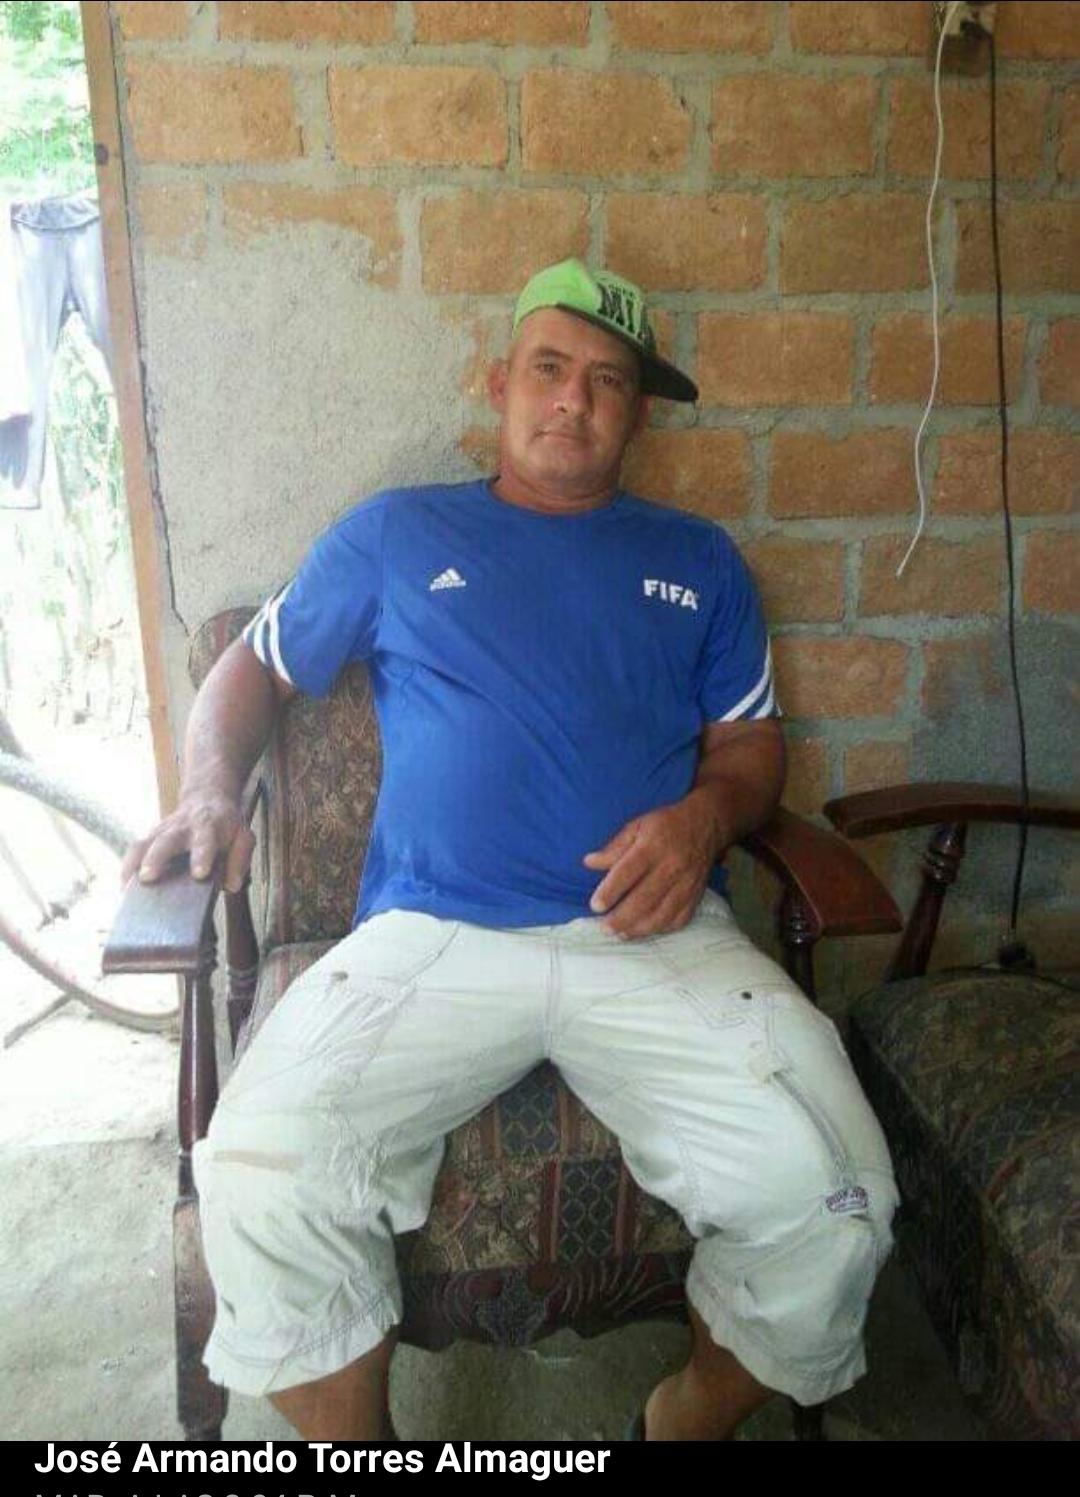 ( Mandy) José Armando Torres Almaguer